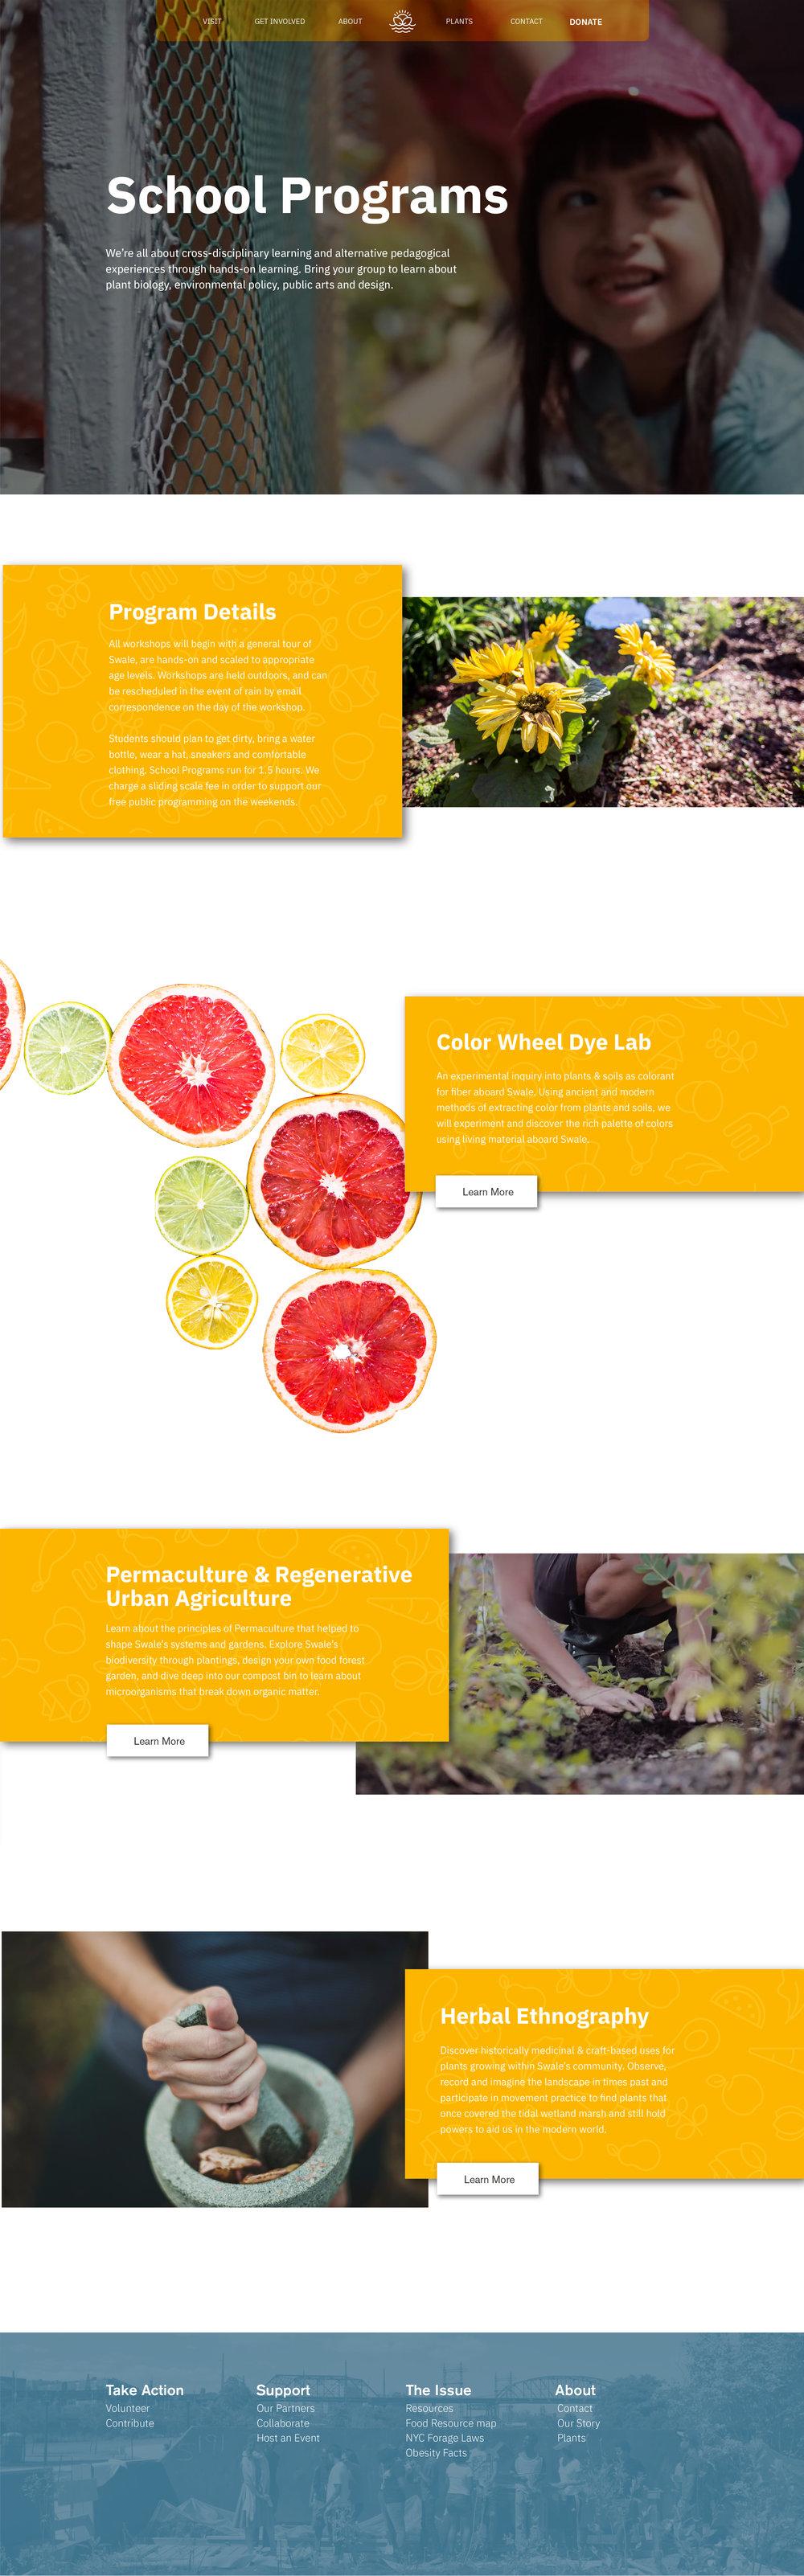 Swale-website-02.jpg